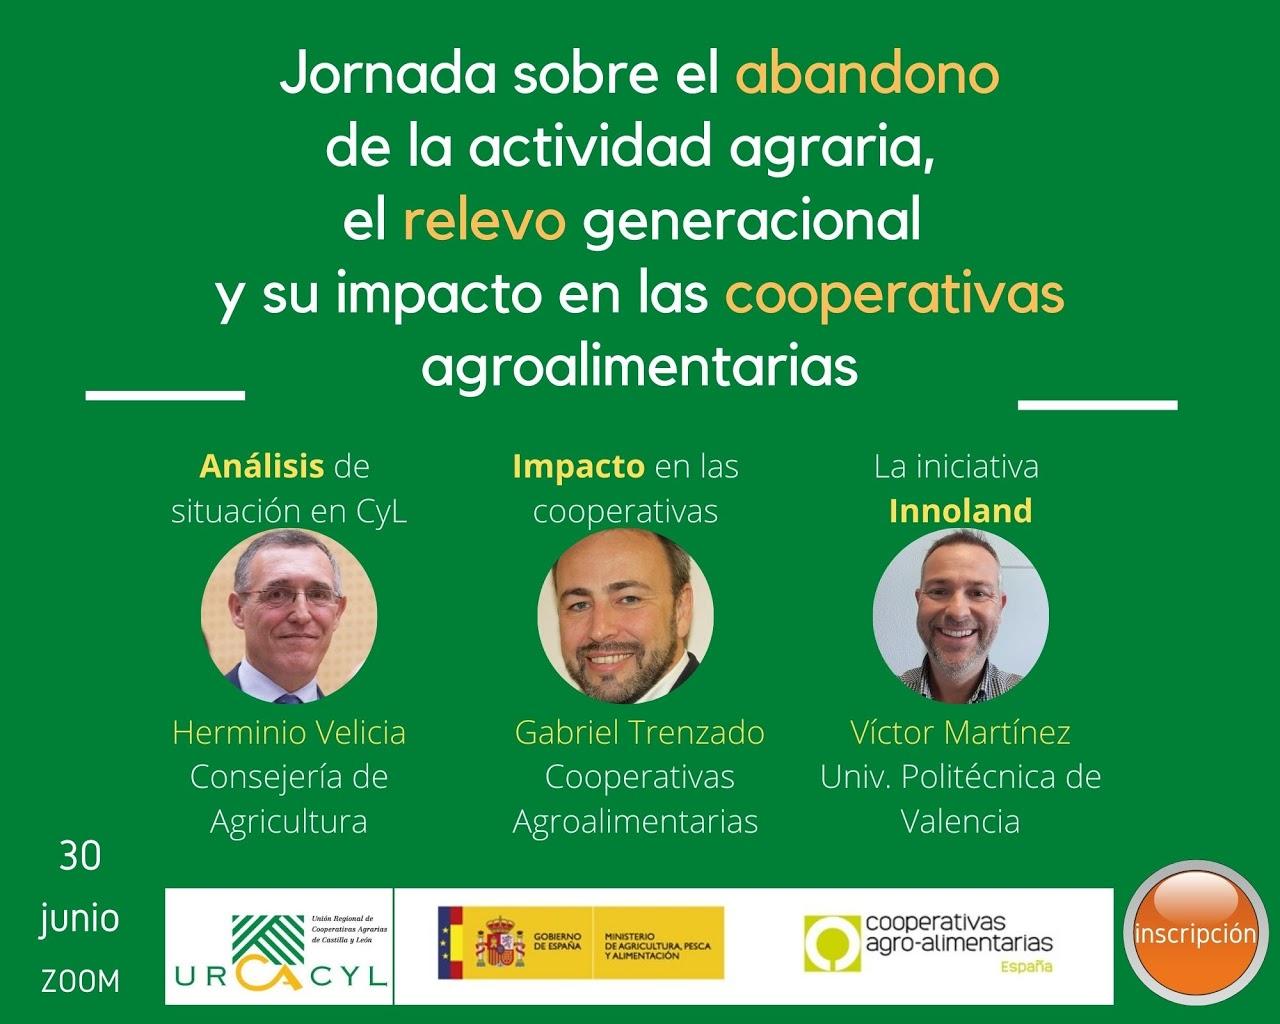 Cartel Jornada abandono, relevo y cooperativas